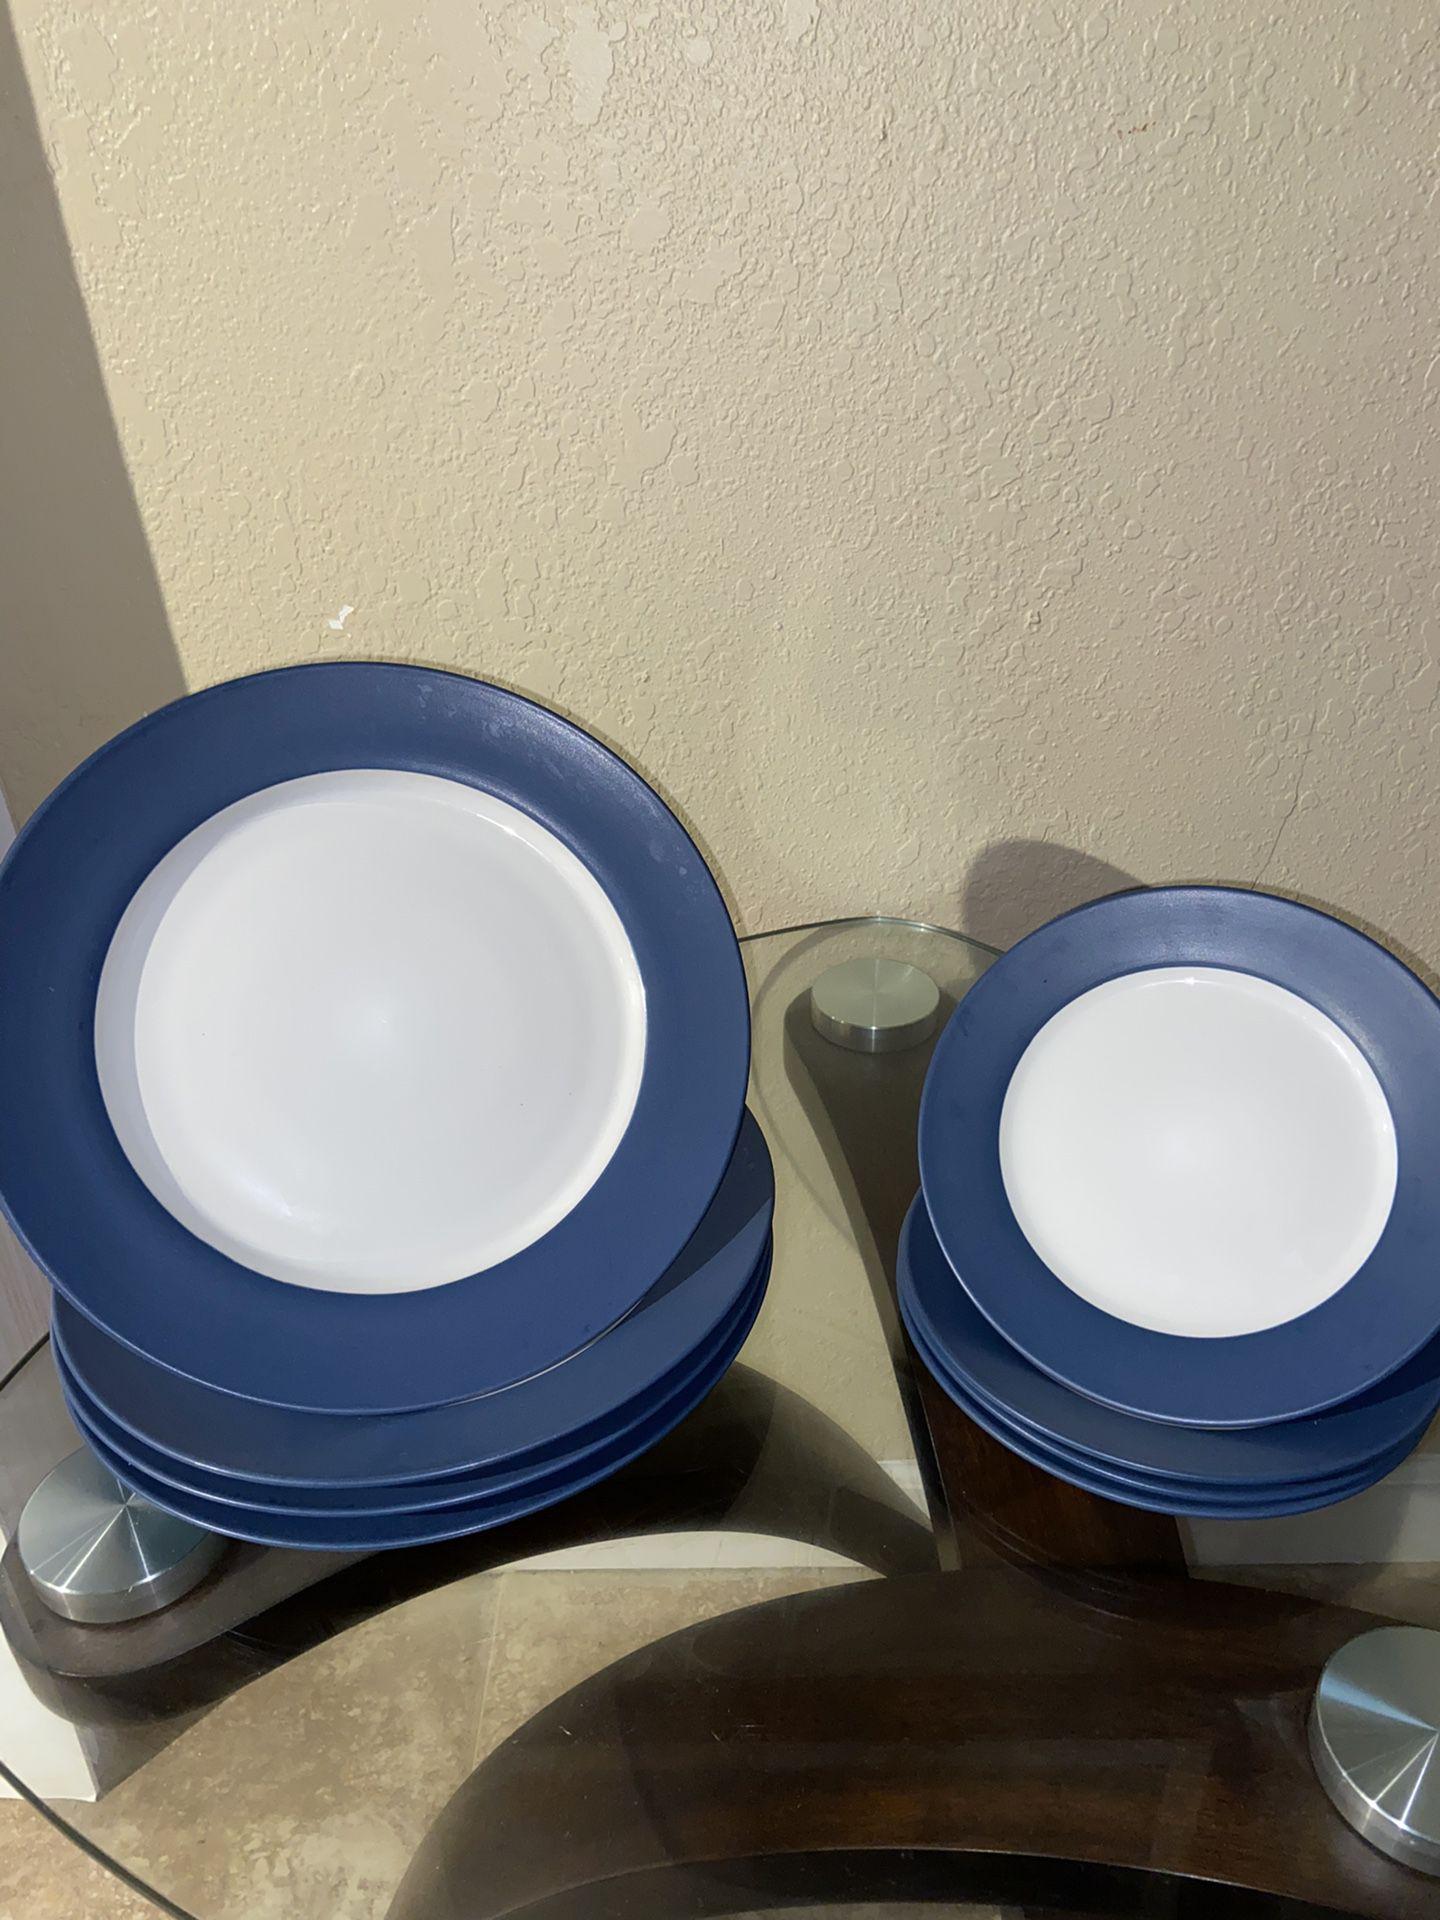 Pfaltzgraff 13-piece Dinnerware set in white and blue Matte